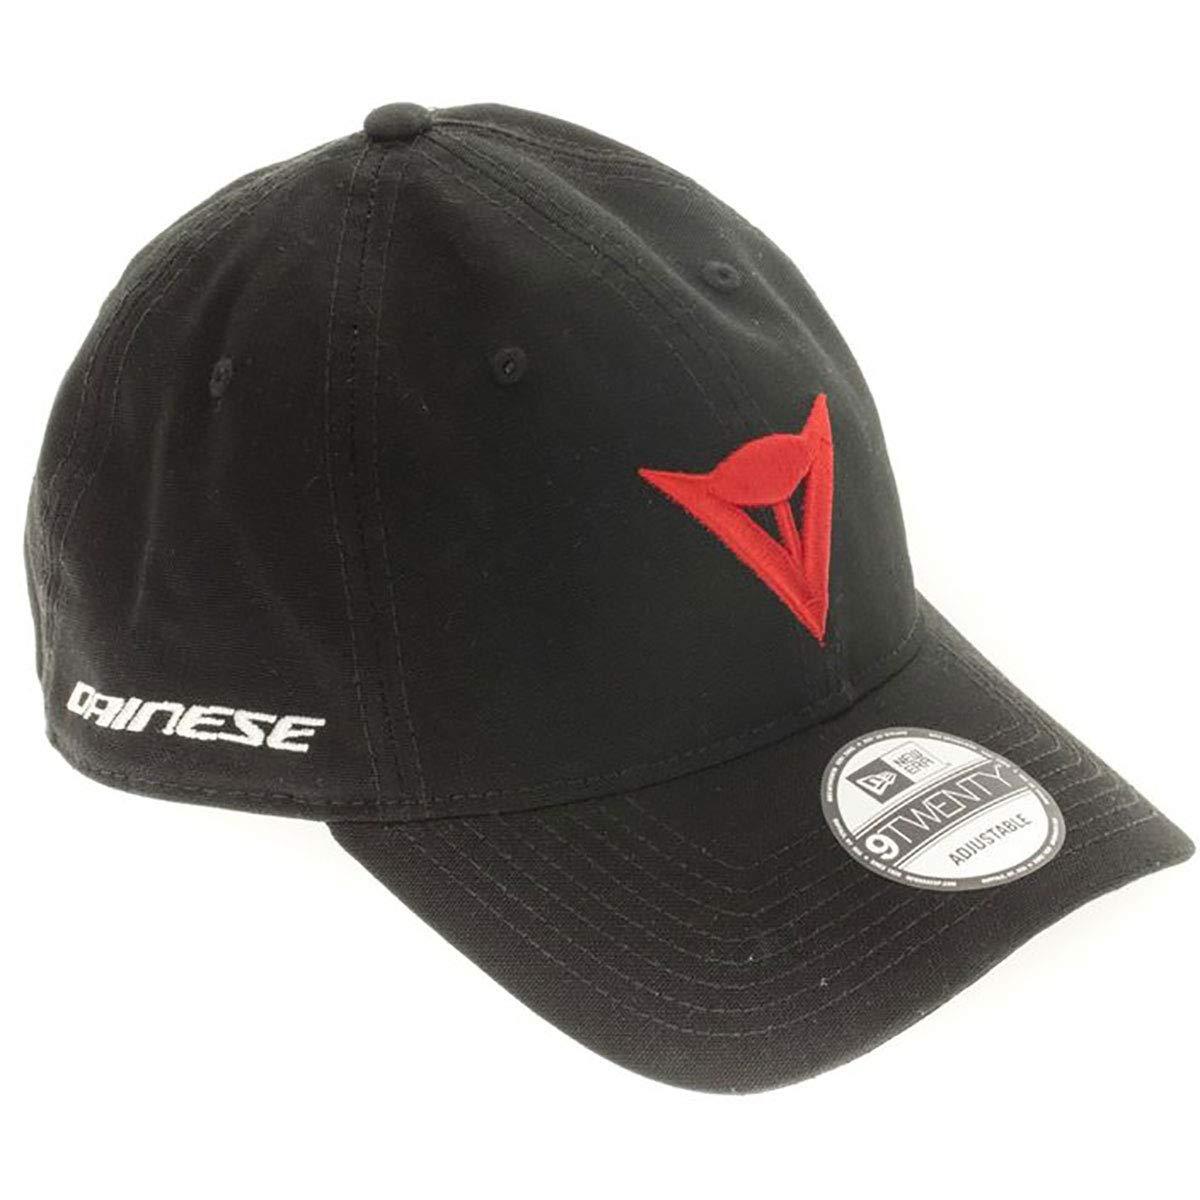 Dainese Unisex-Adult 9TWENTY Canvas Strapback Cap (Black One